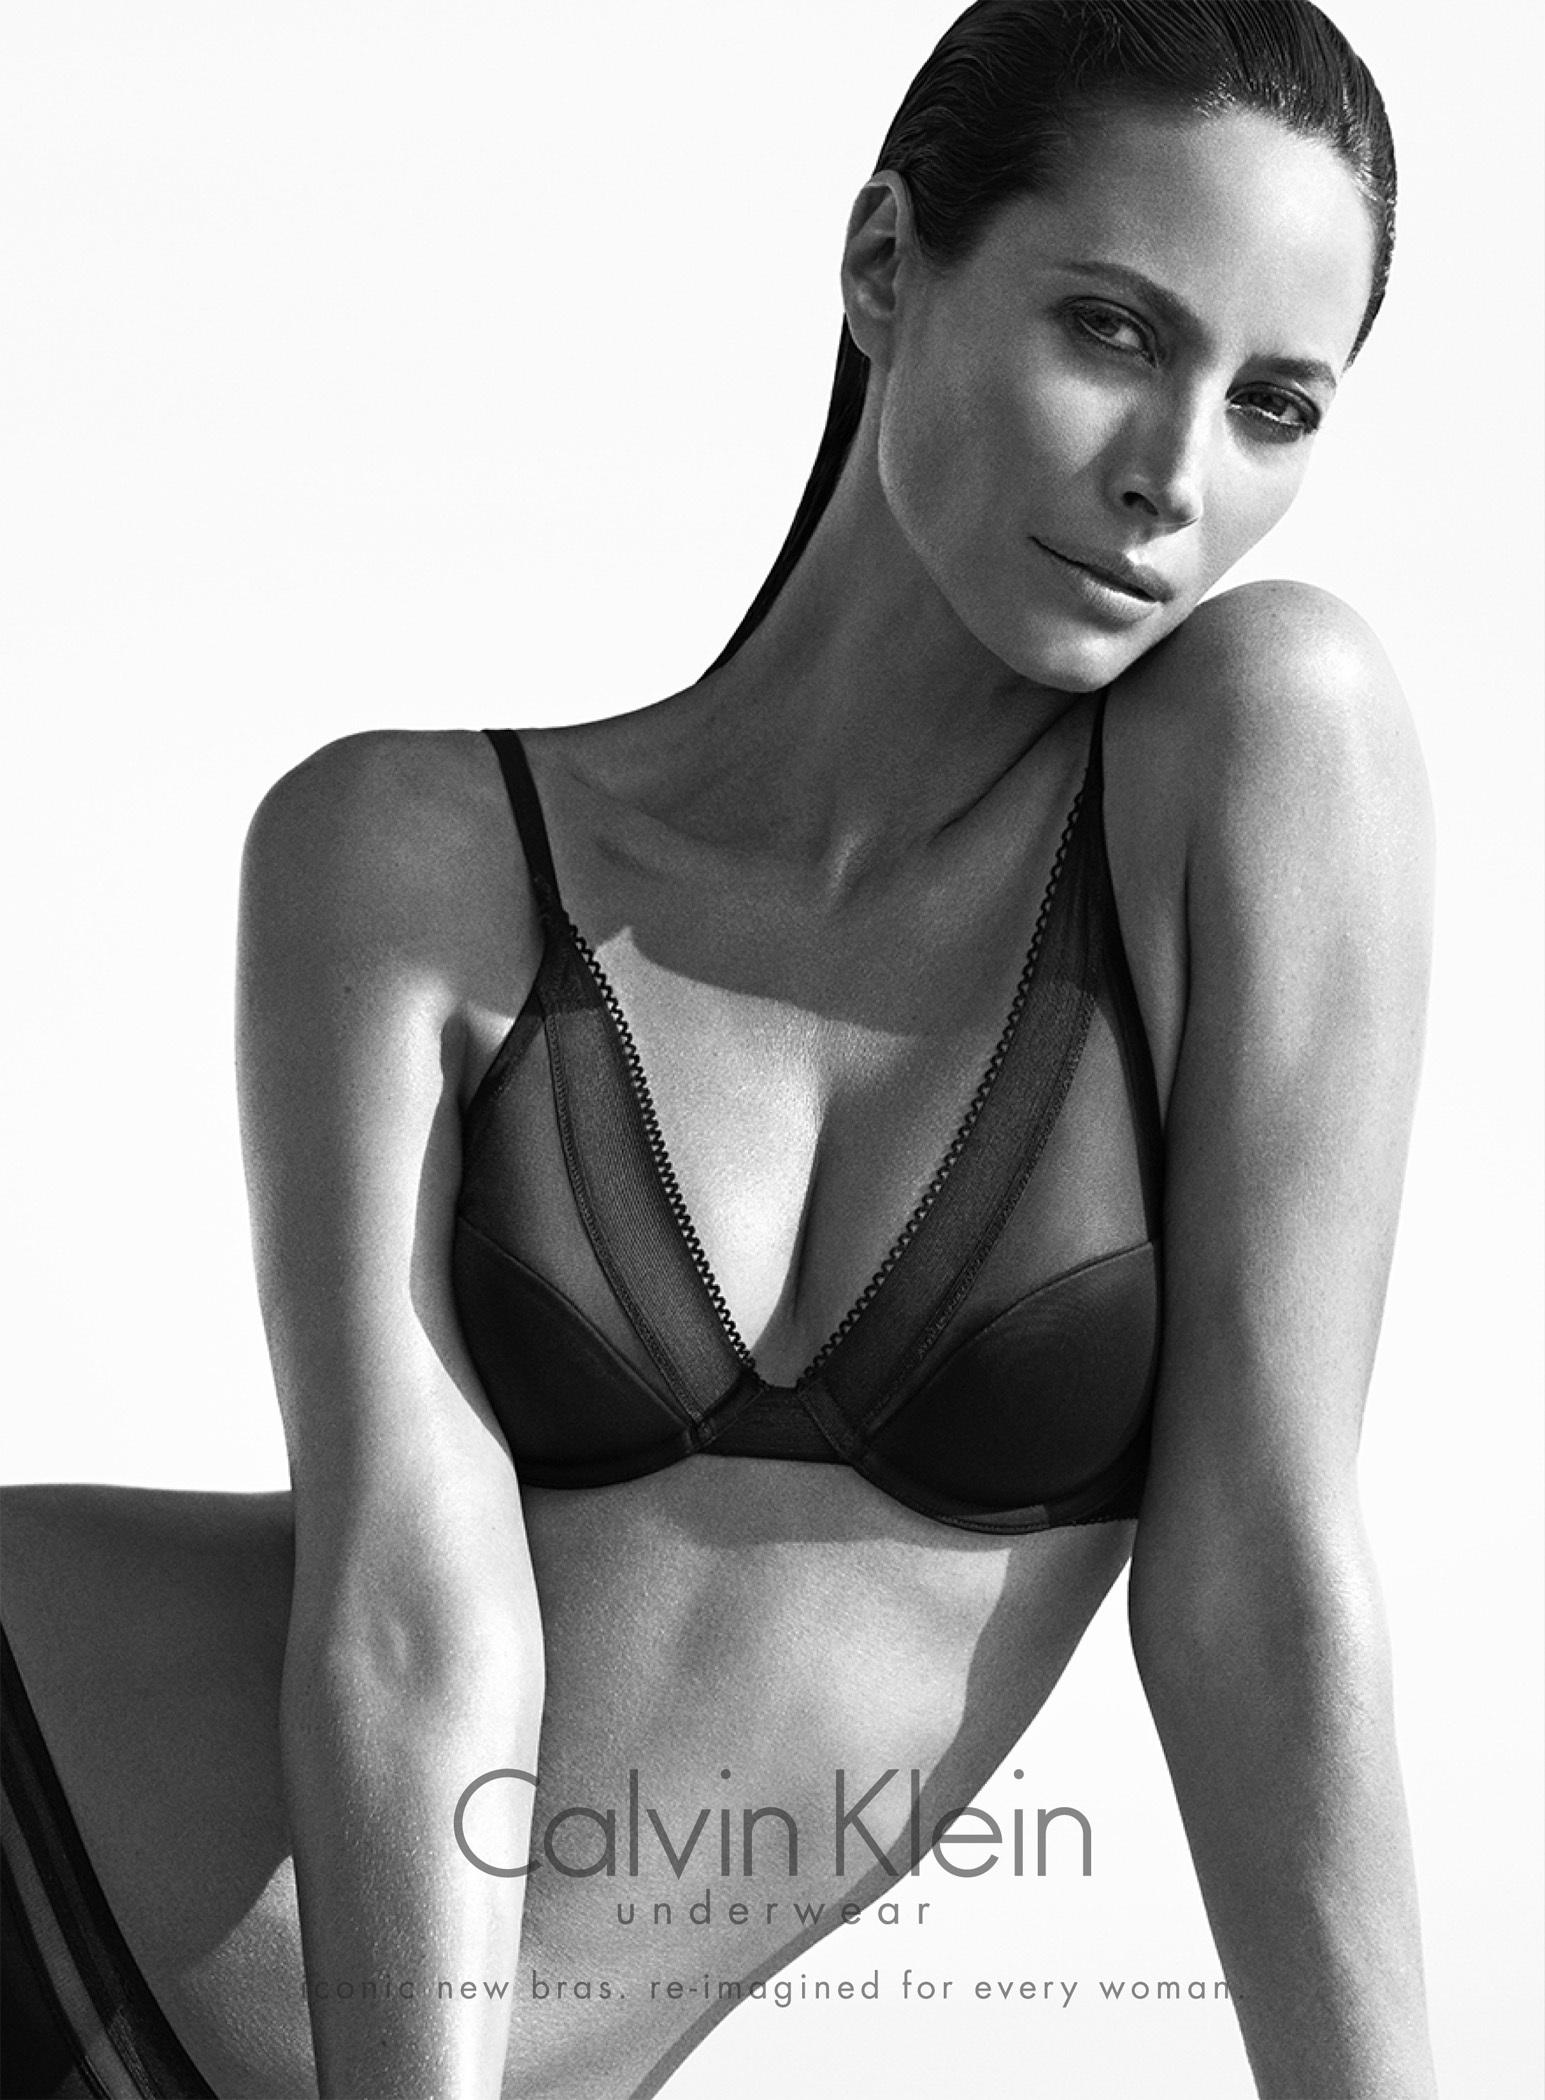 Calvin Klein Underwear Ad 1988